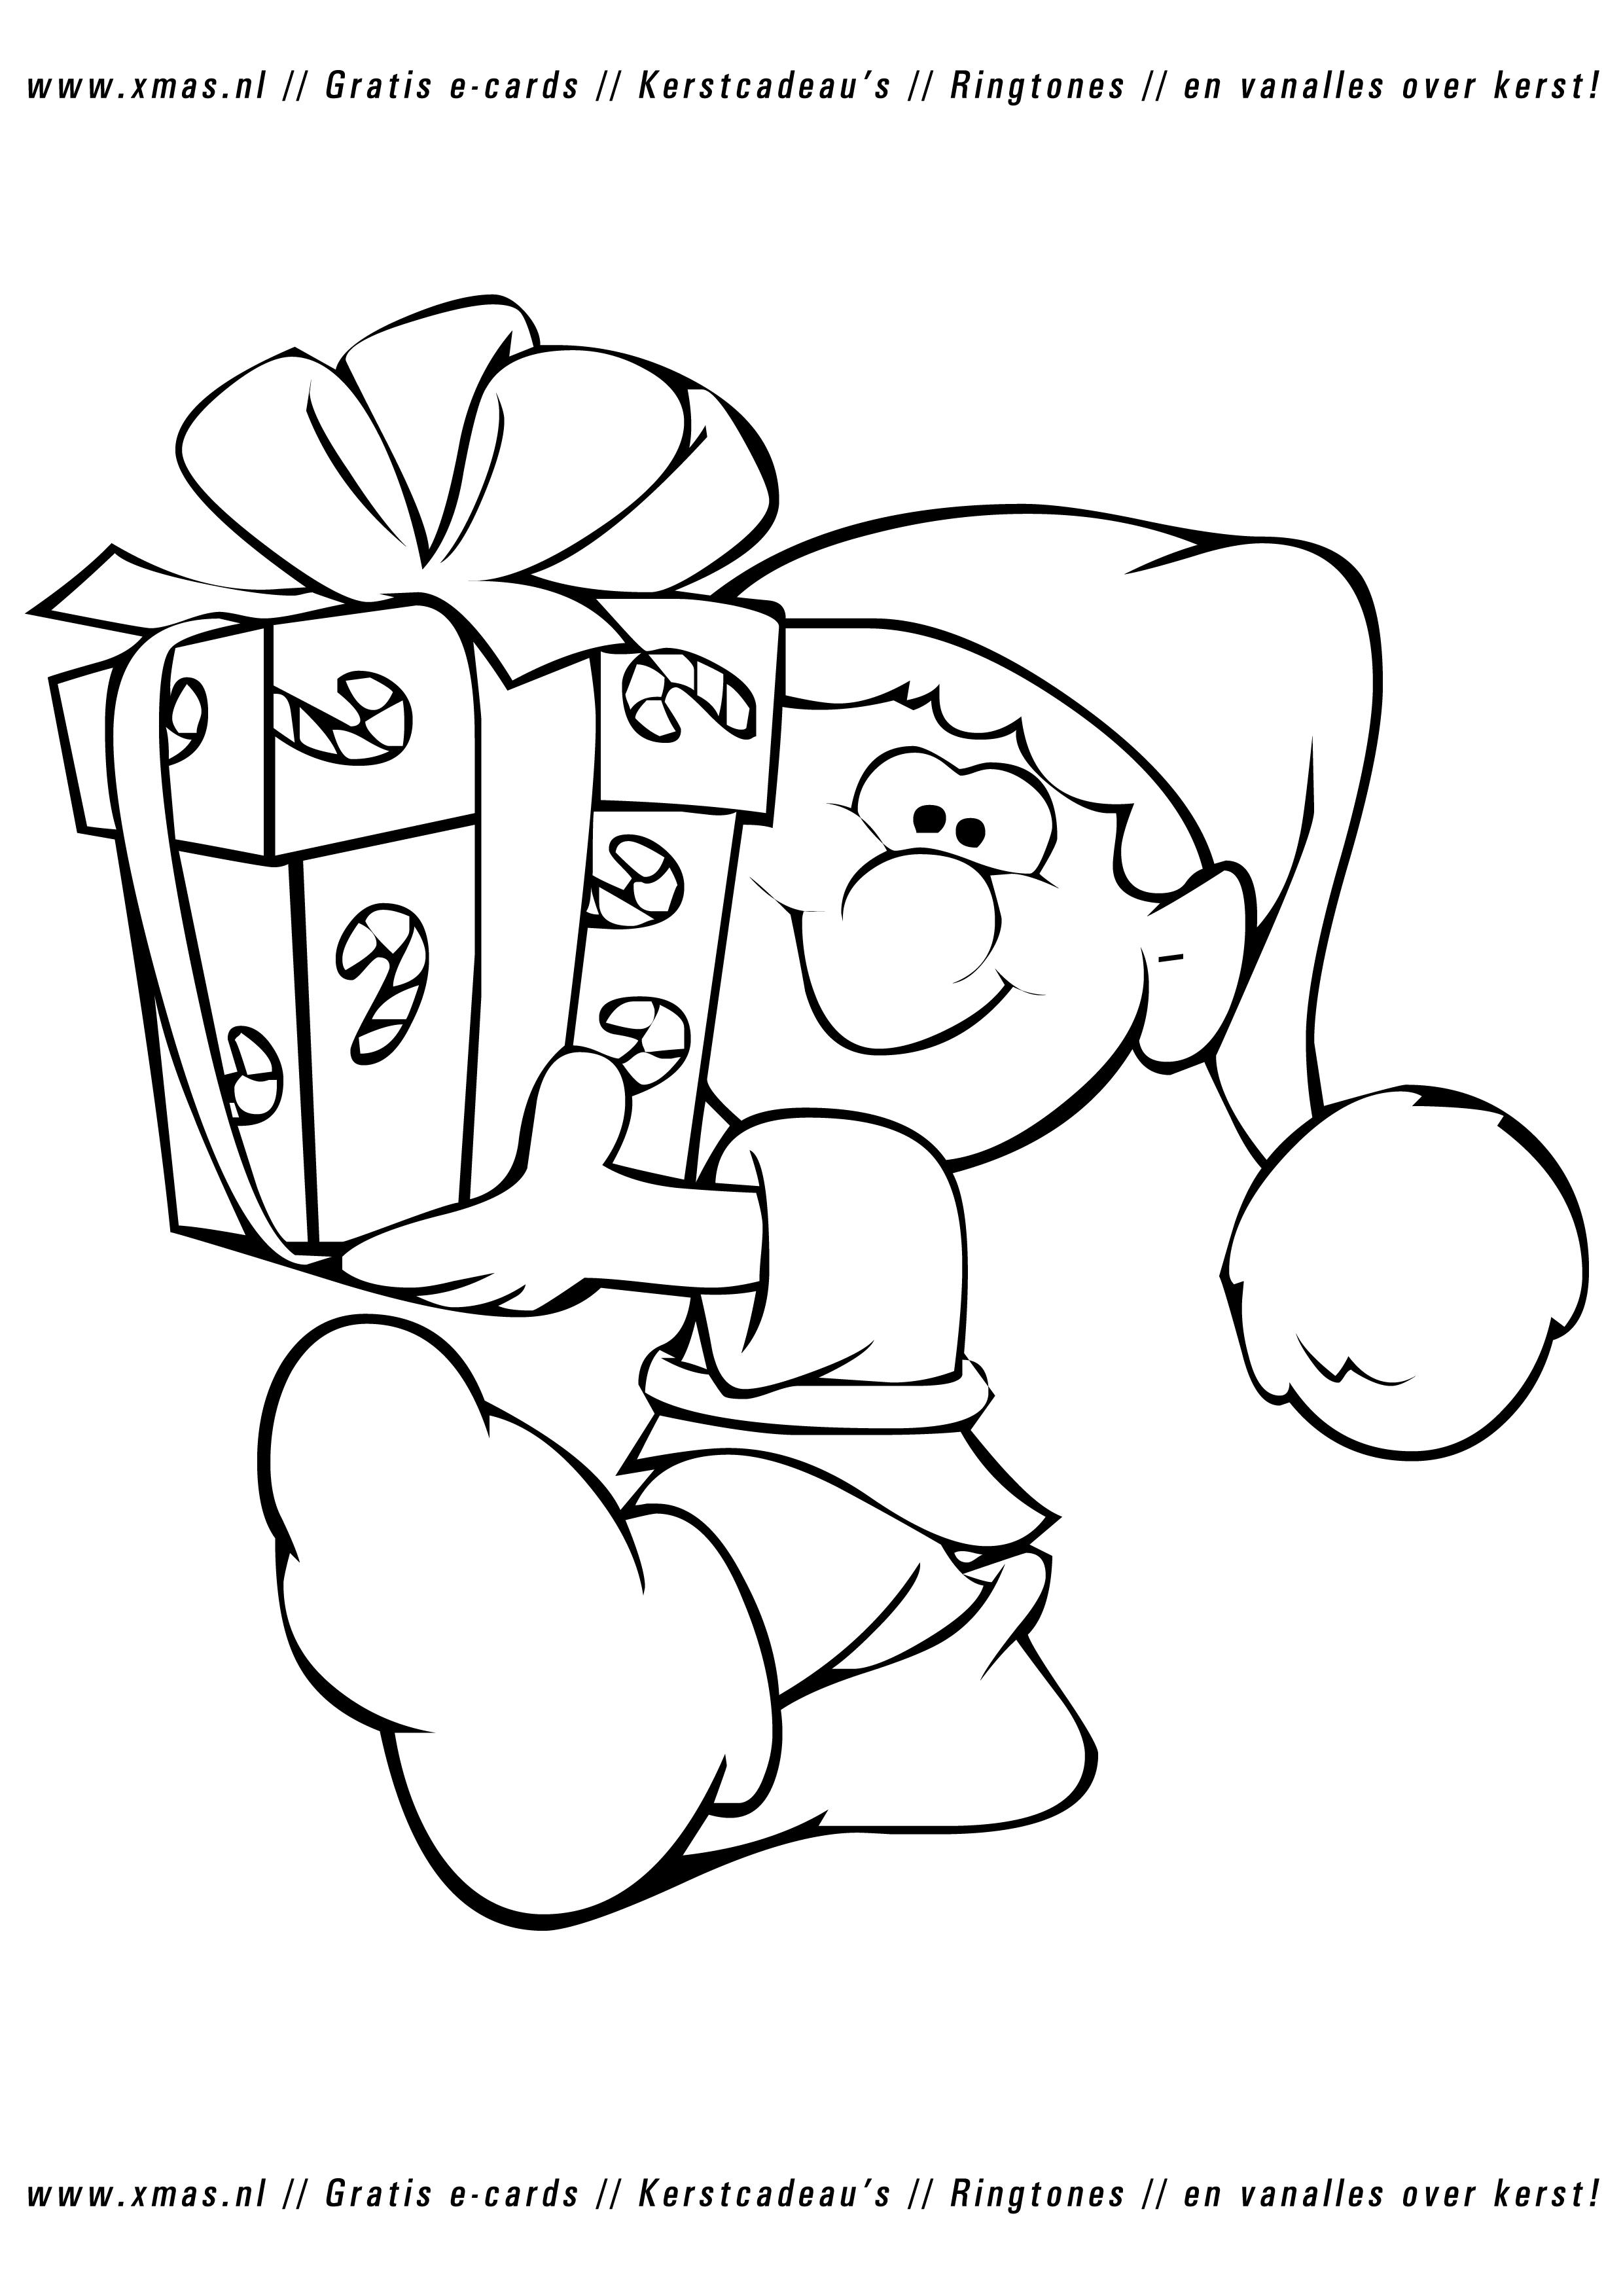 Xmas Nl Kerstmis Gratis Kerstkaarten Kerstevenementen